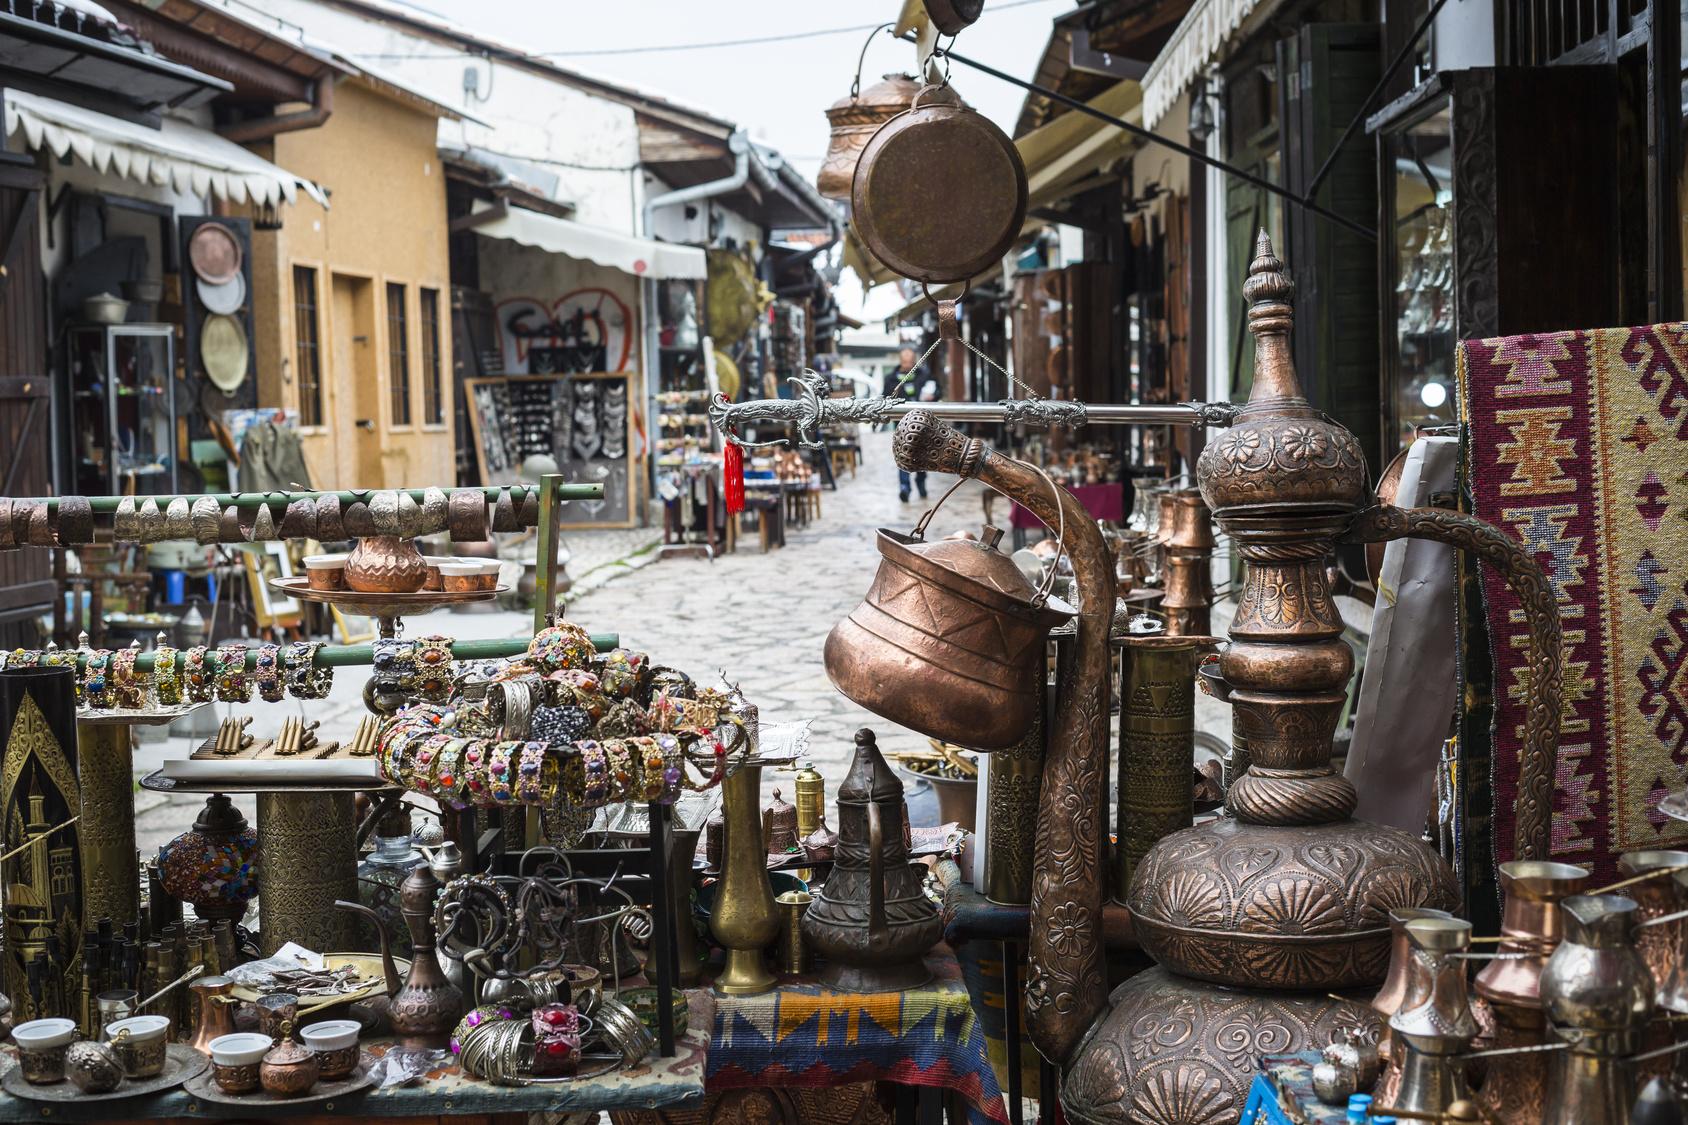 burbach 8 orientalischer markt am samstag saarland. Black Bedroom Furniture Sets. Home Design Ideas